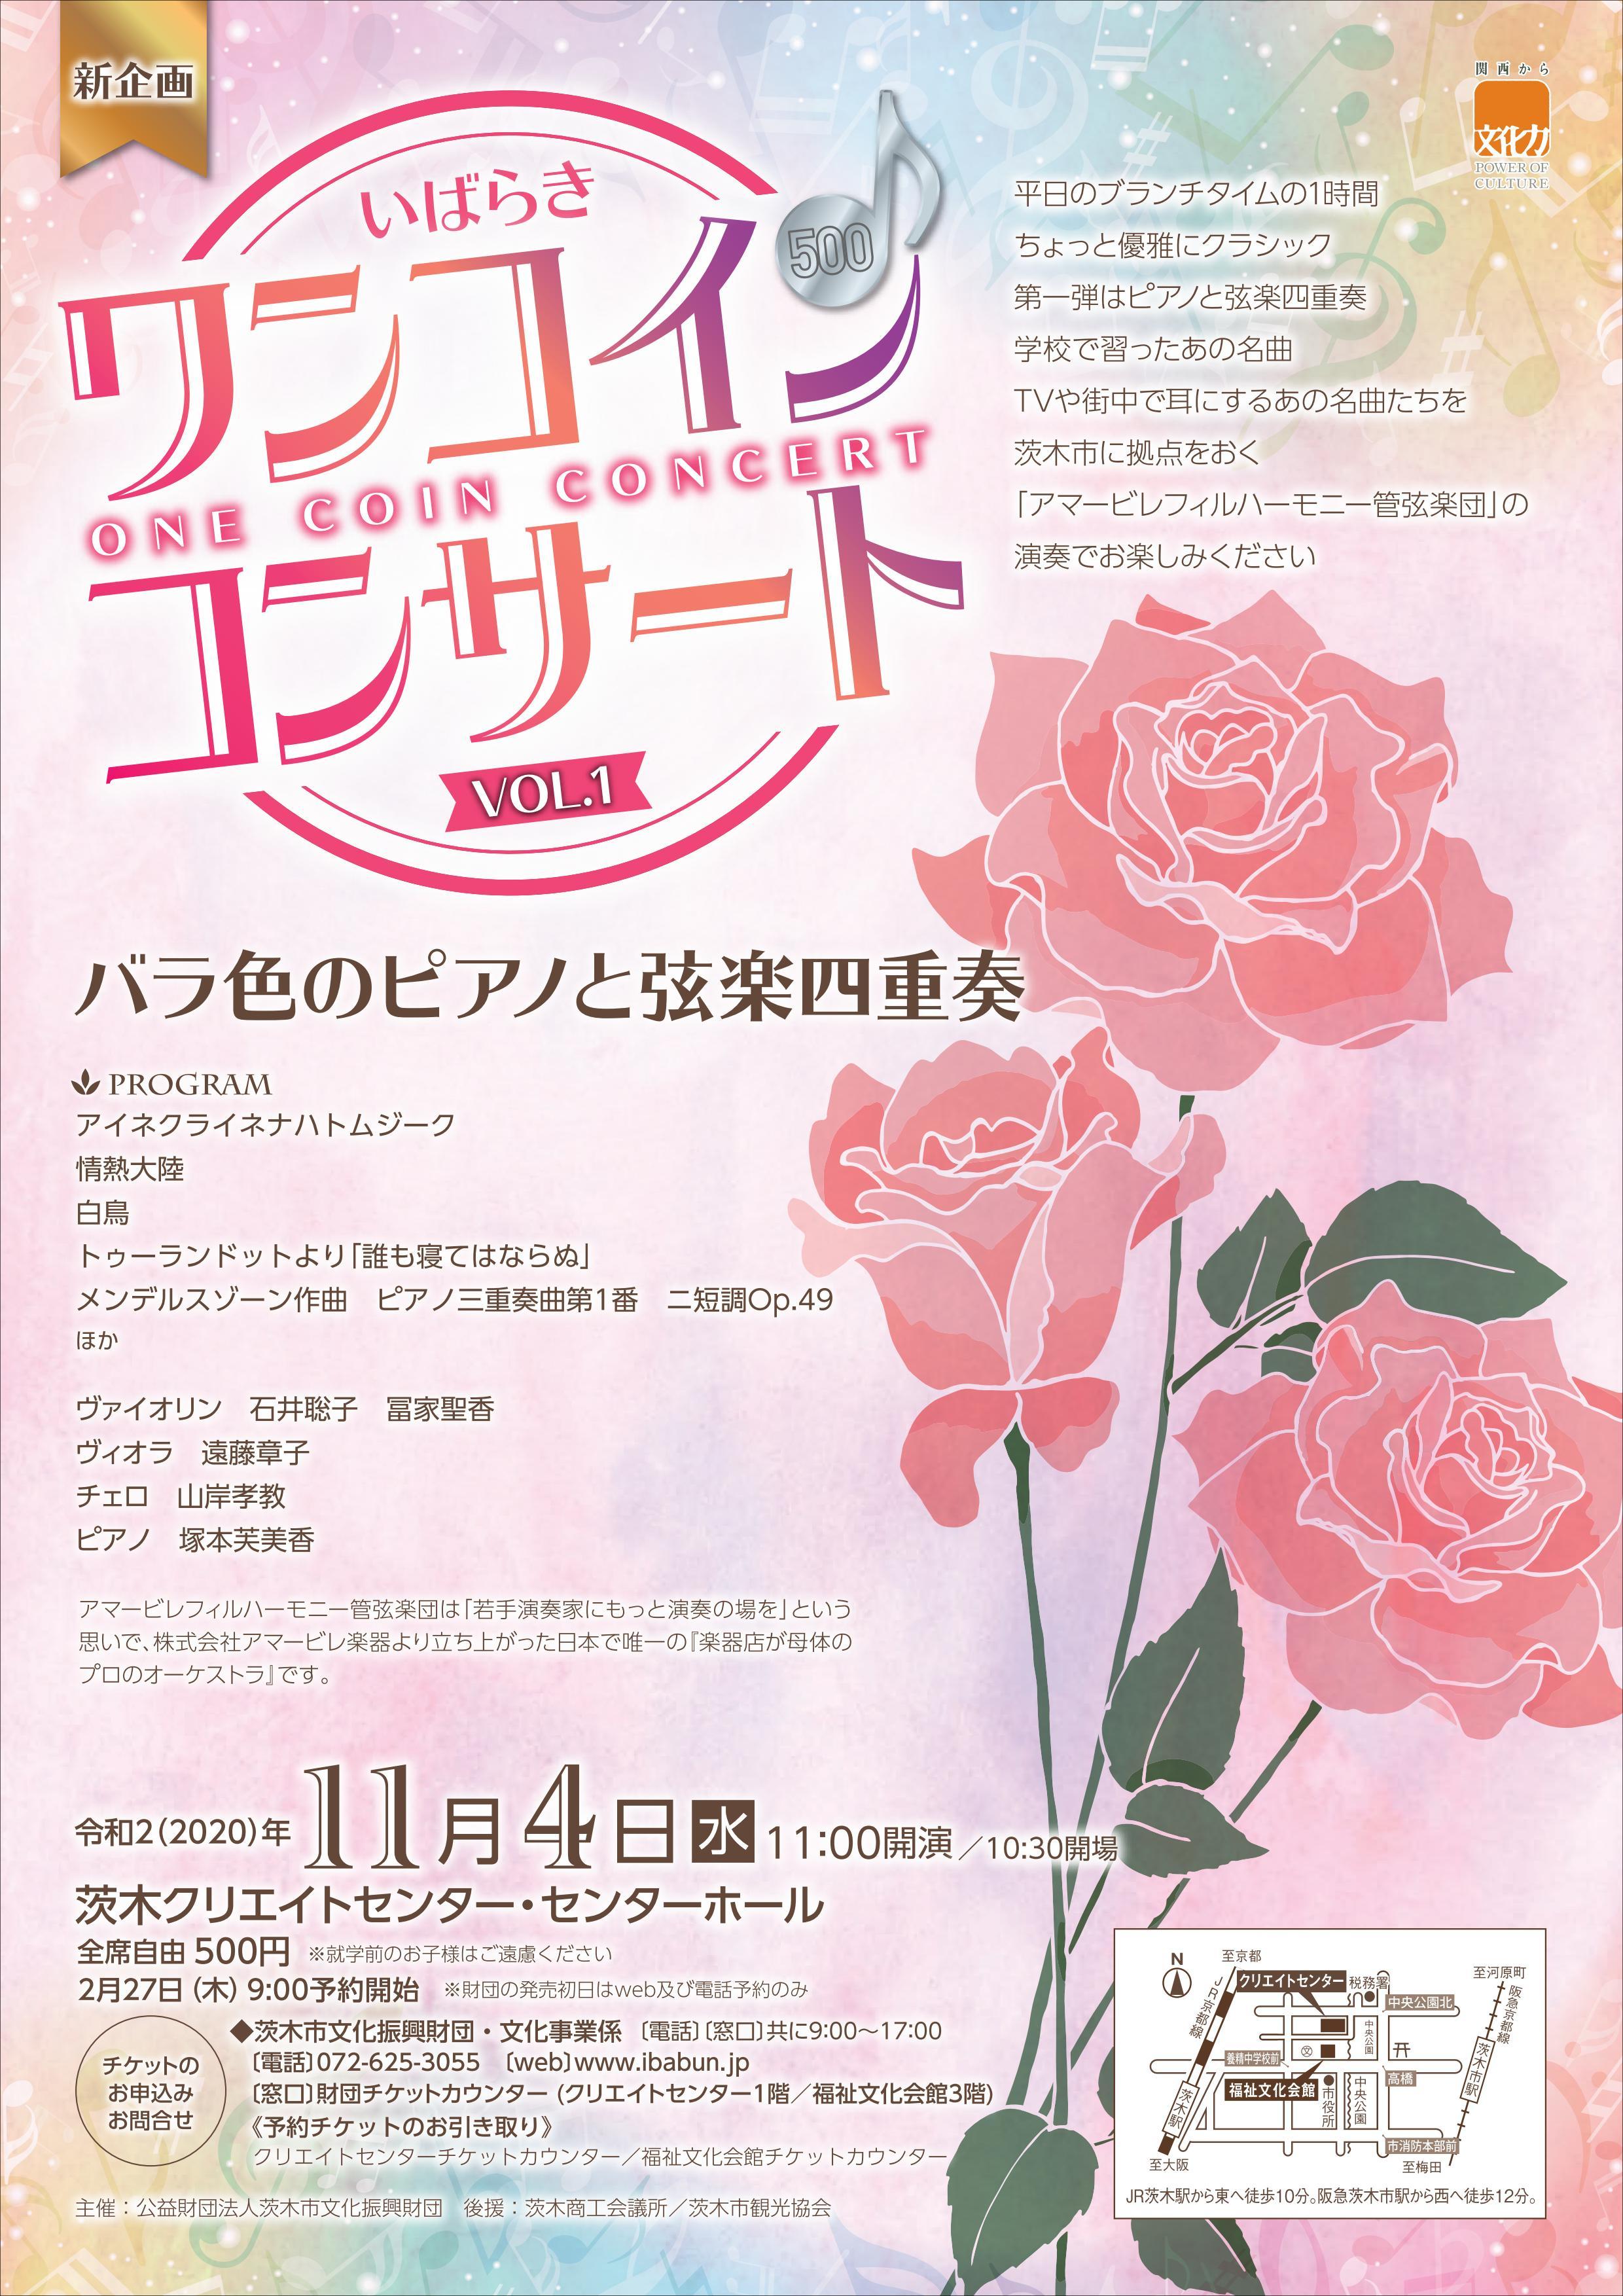 【振替公演】いばらきワンコインコンサートVol.1~バラ色のピアノと弦楽四重奏